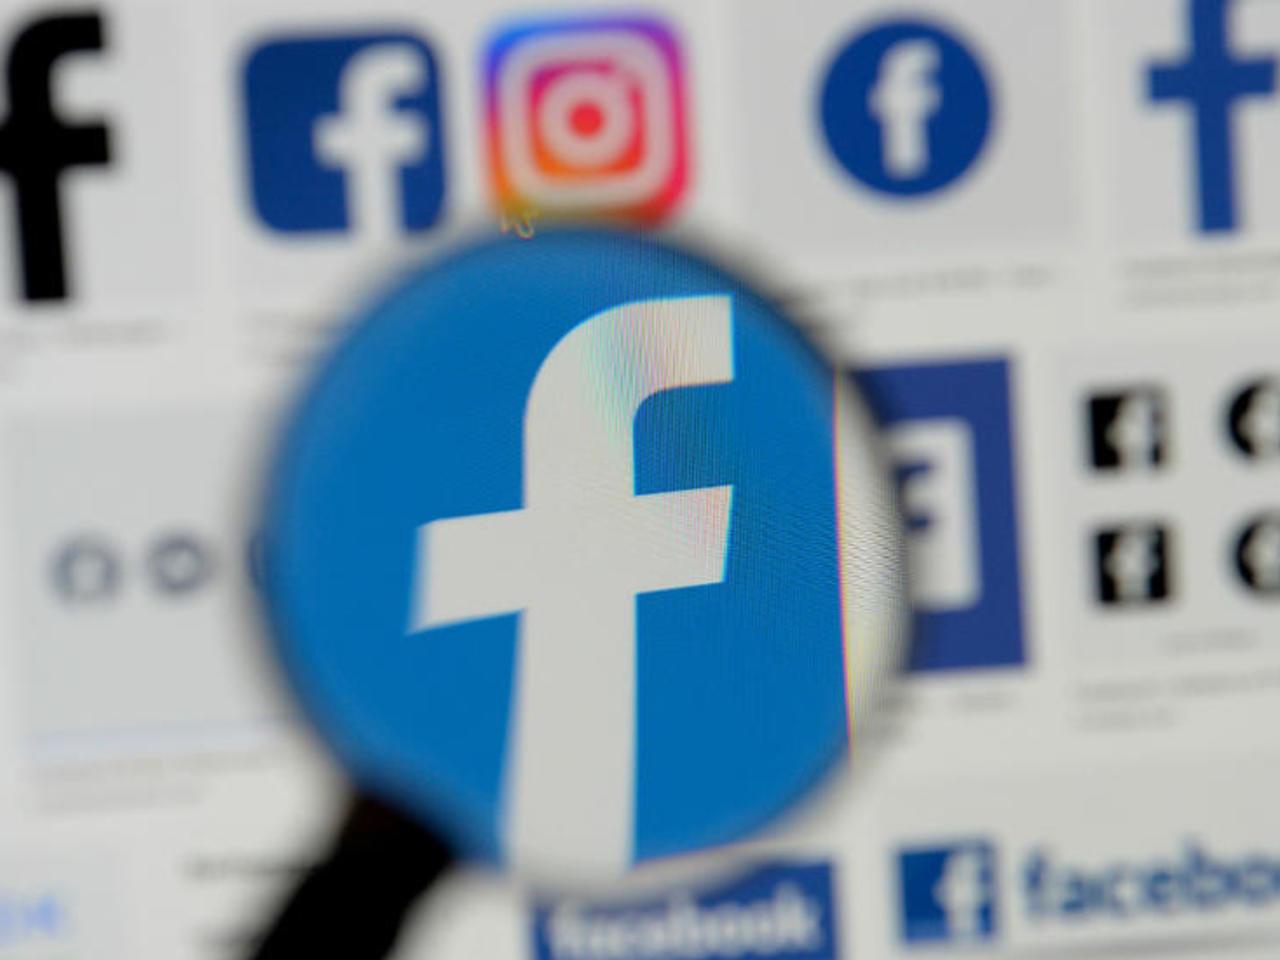 """شبكة """"فيسبوك"""" قررت إزالة المعلومات الكاذبة عن حرائق الغابات بولاية أوريجون"""